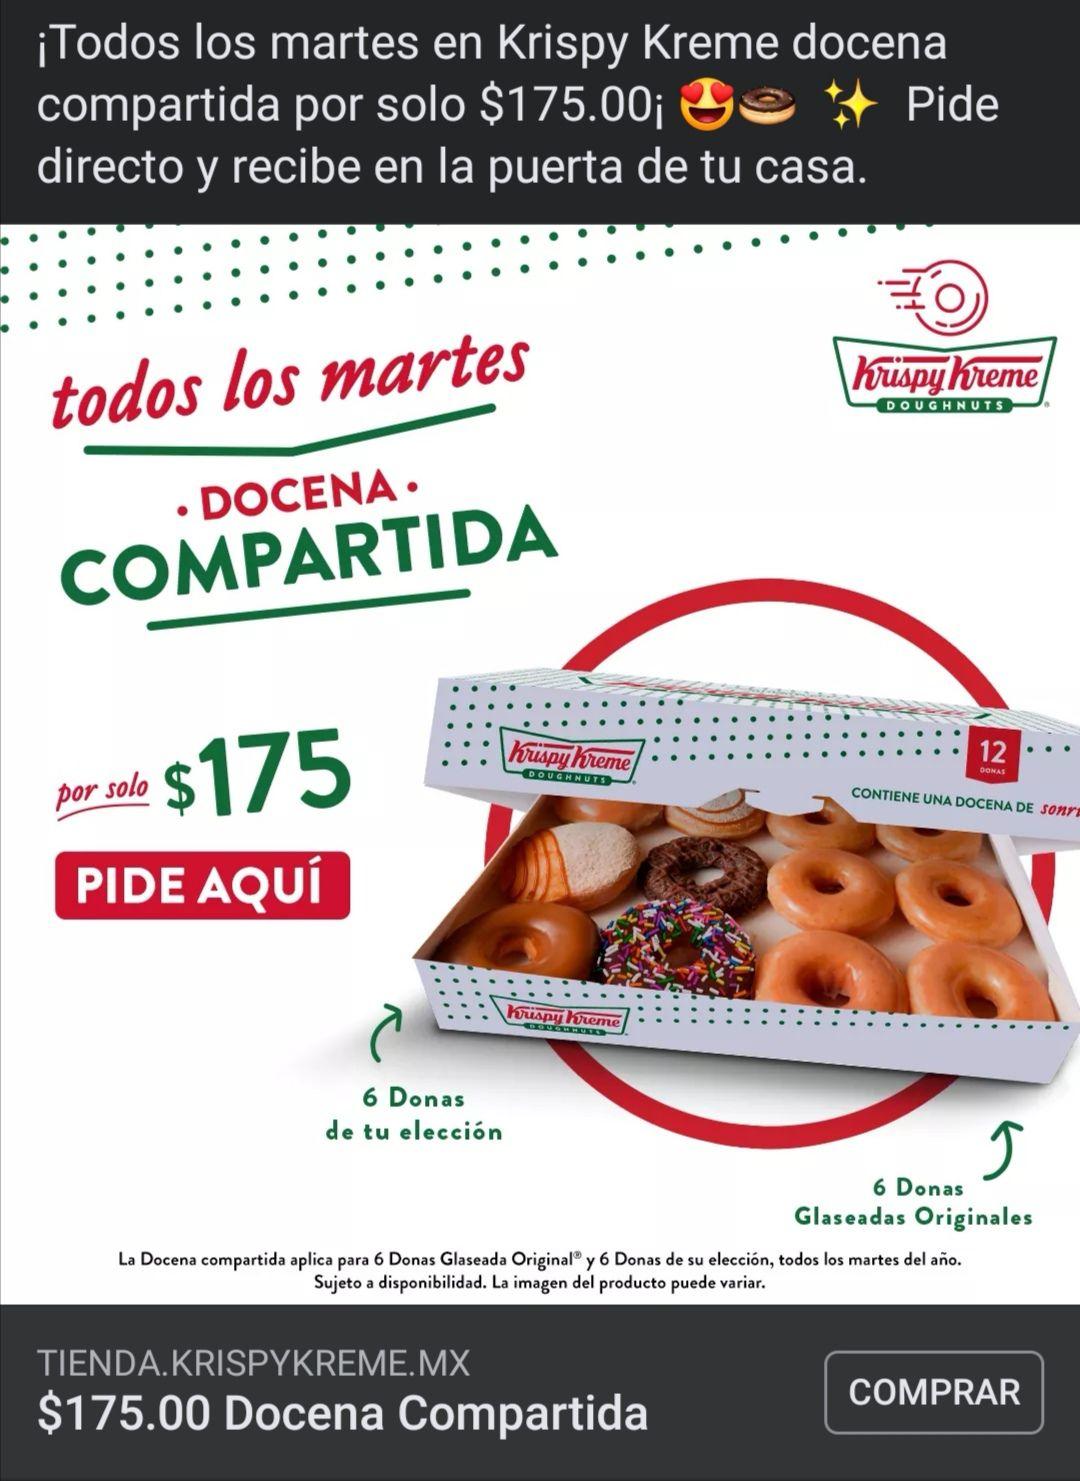 Krispy Kreme Docena de donas glaseadas y originales en 175 todos los martes del año, en línea.